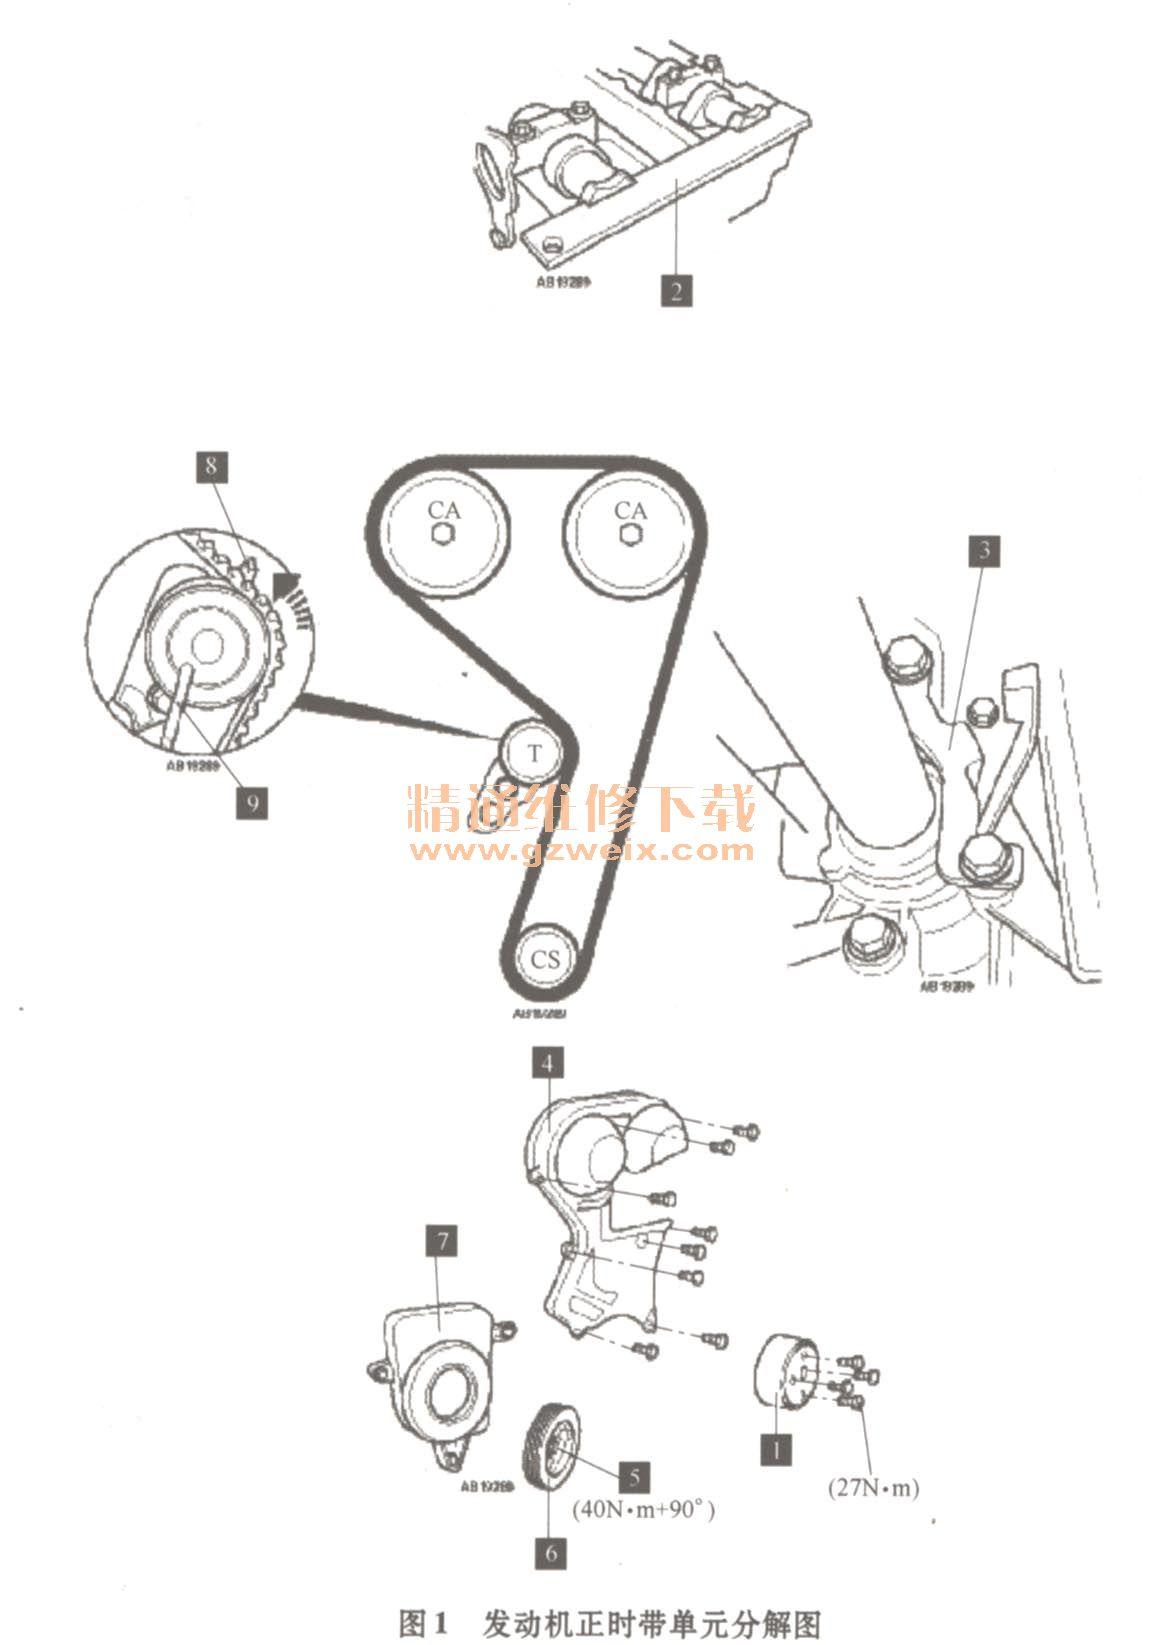 发动机正时带单元      发动机正时带单元分解图如图1所示.